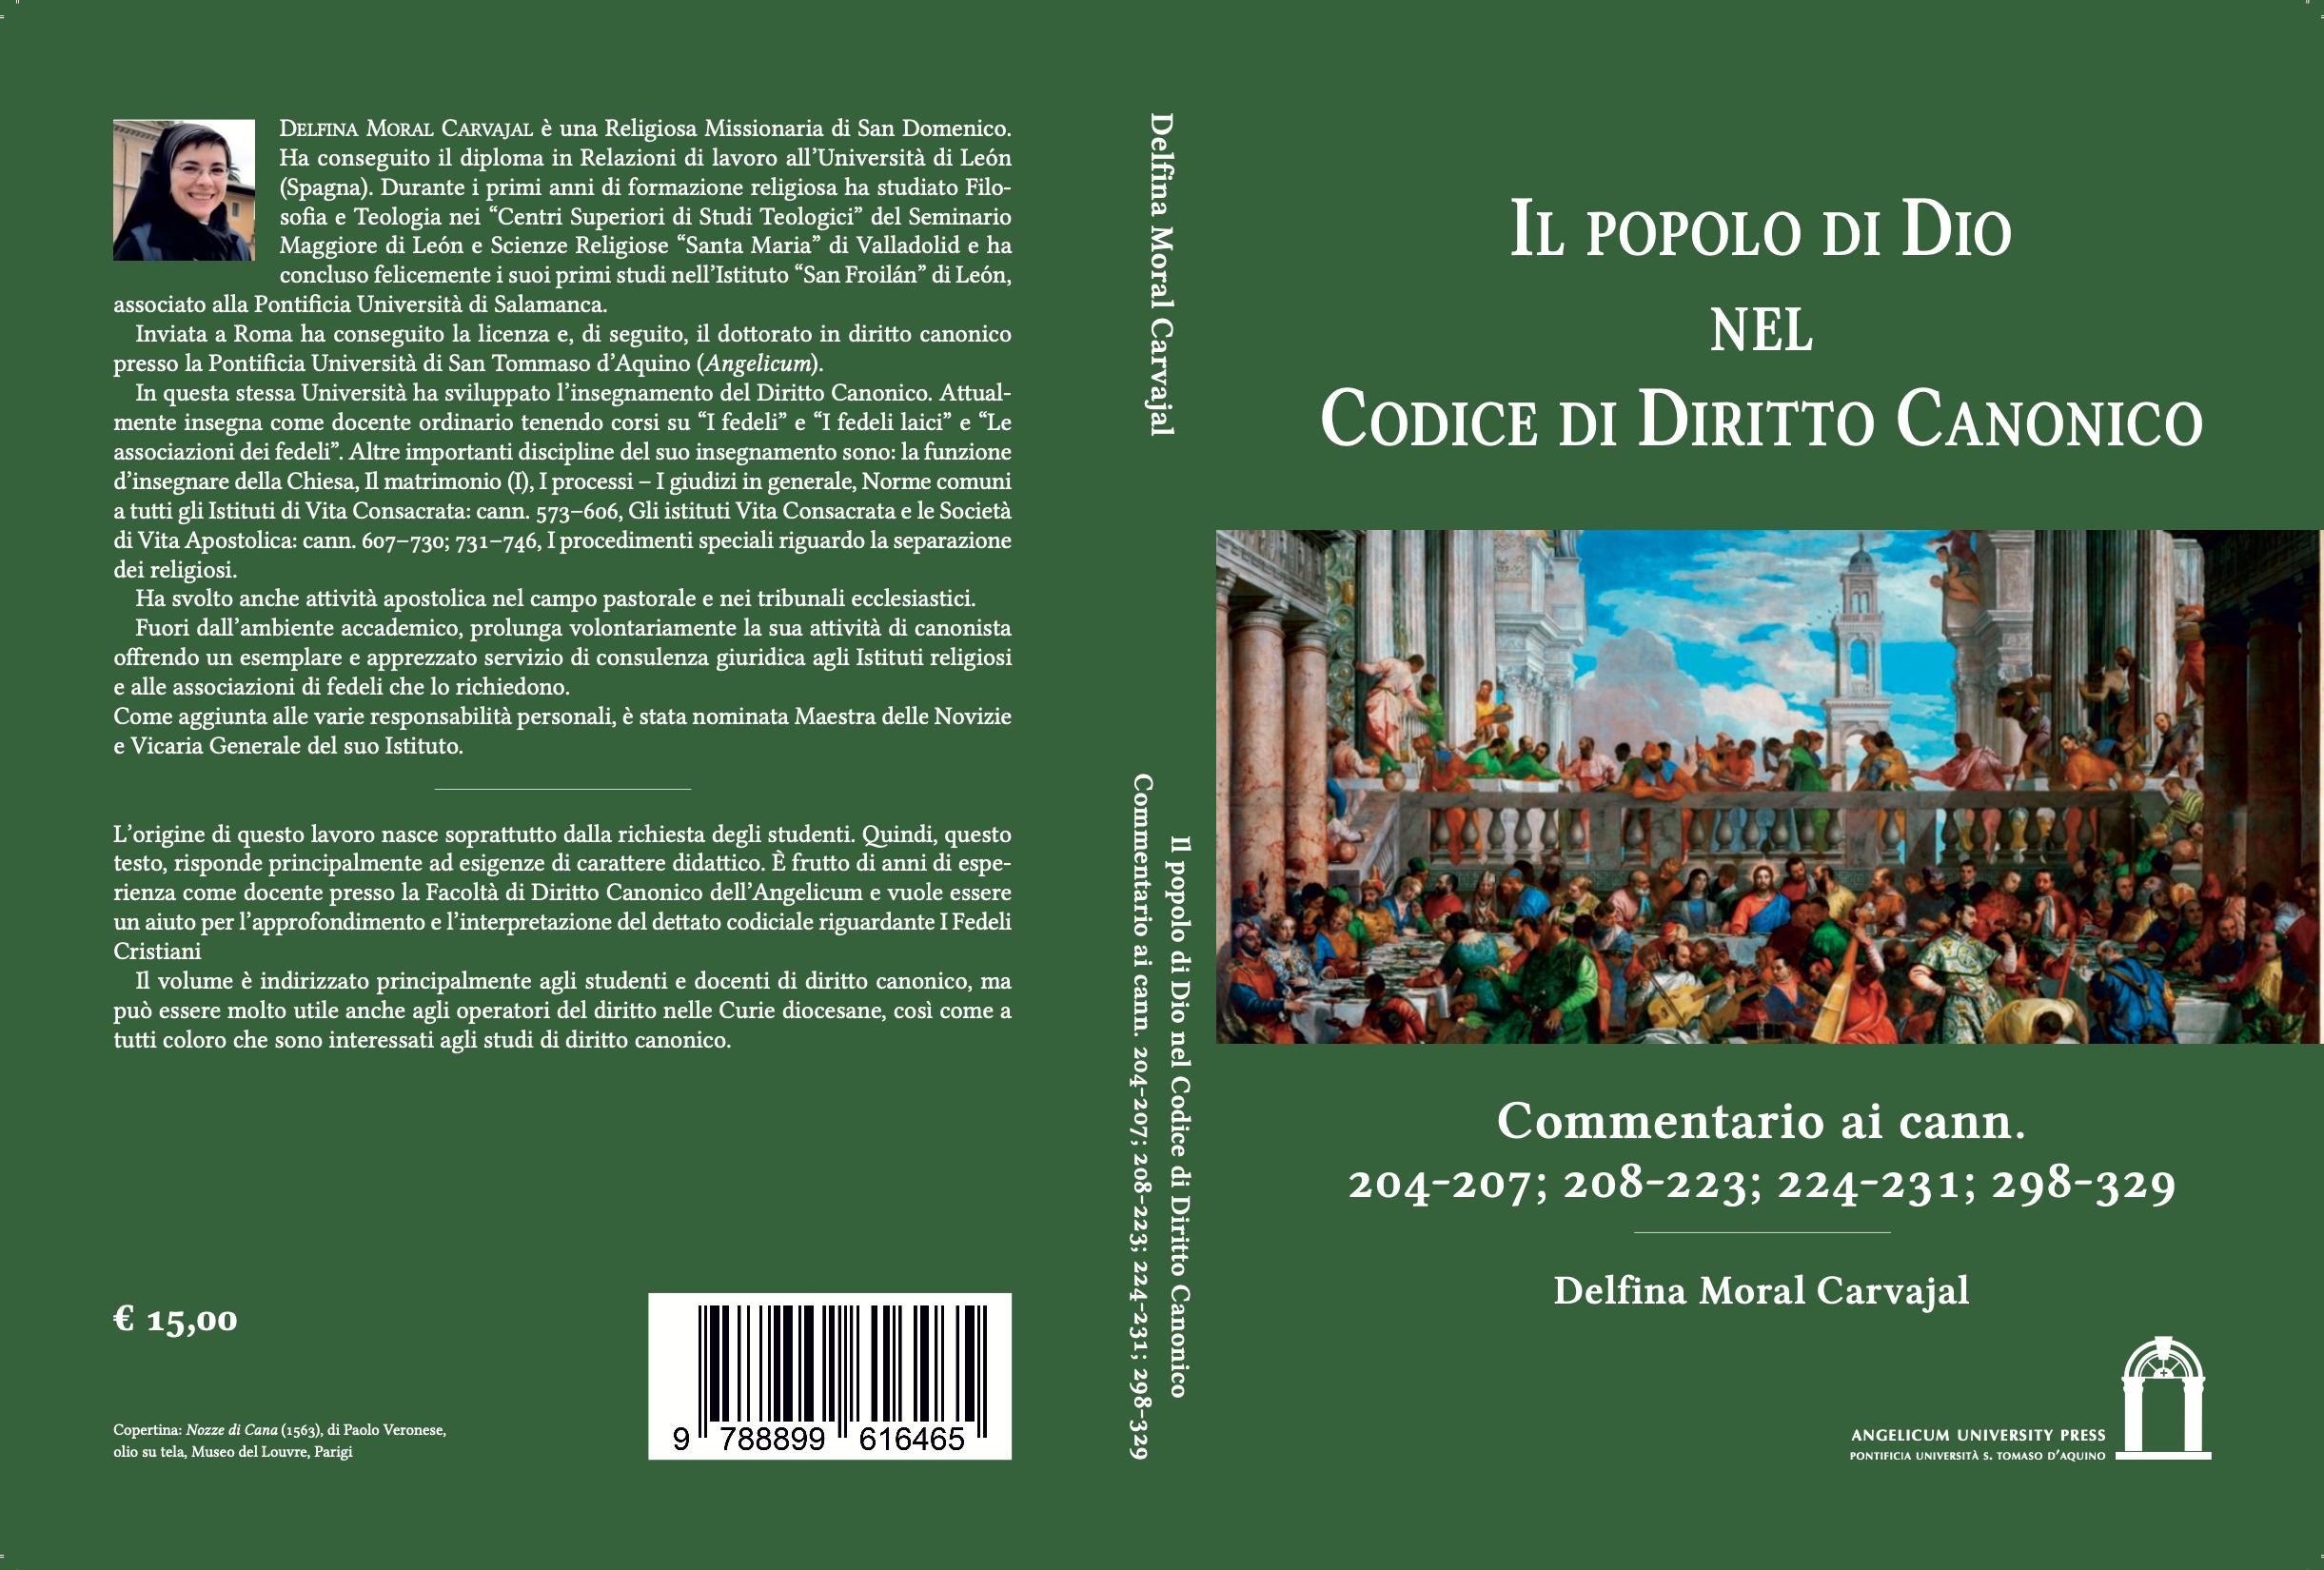 Il popolo di Dio nel Codice di Diritto Canonico book cover